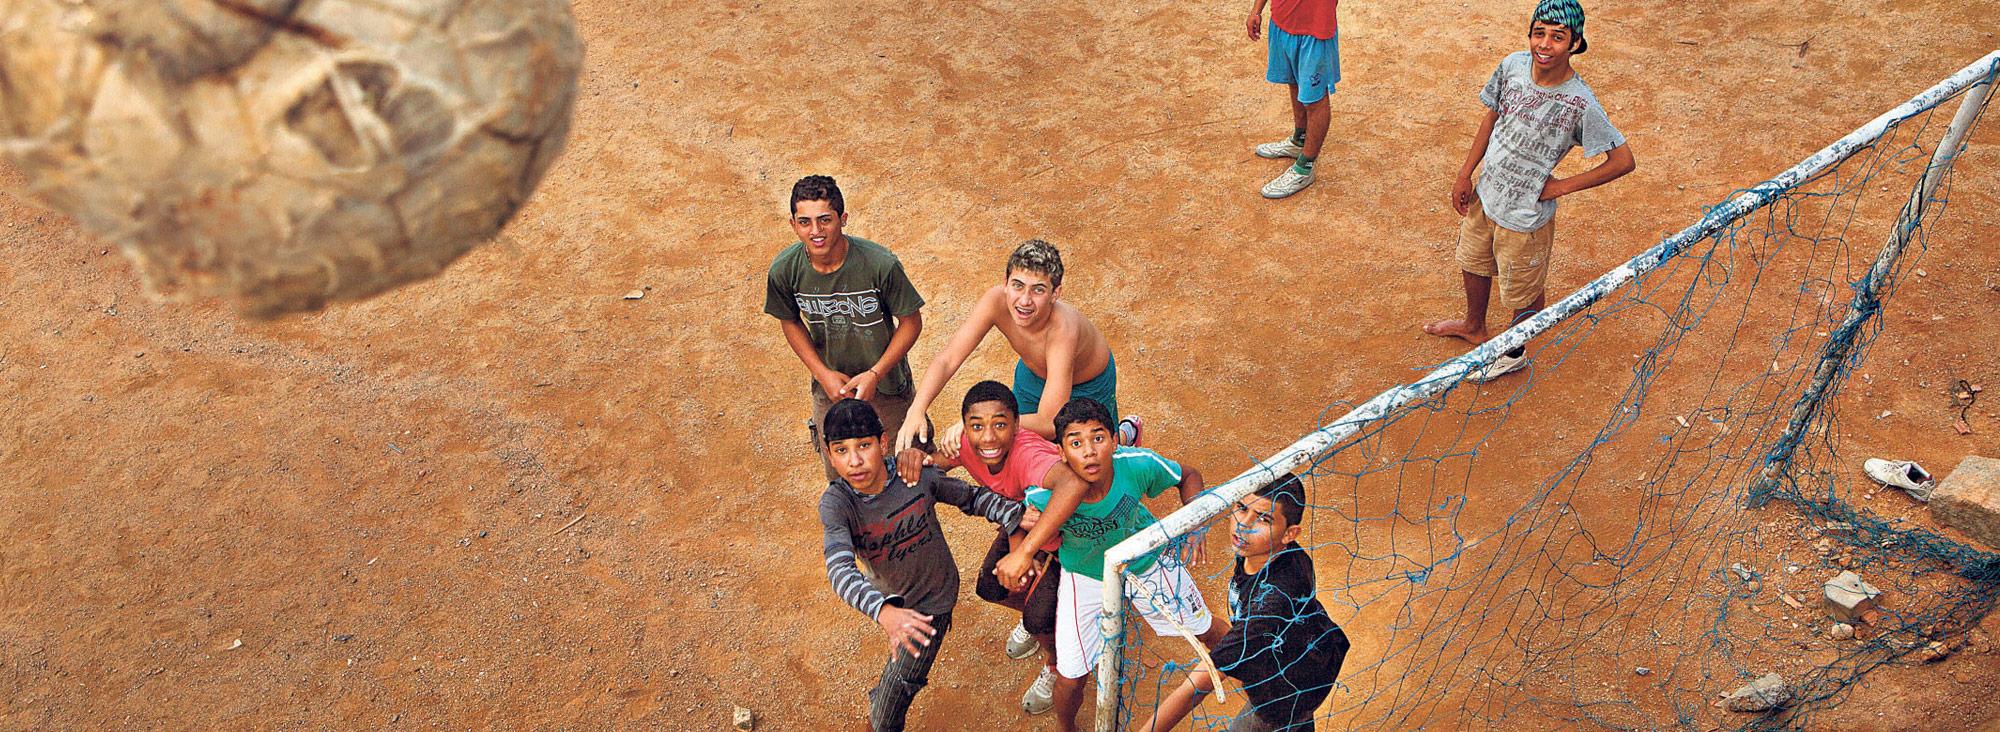 Reglas del fútbol callejero: el